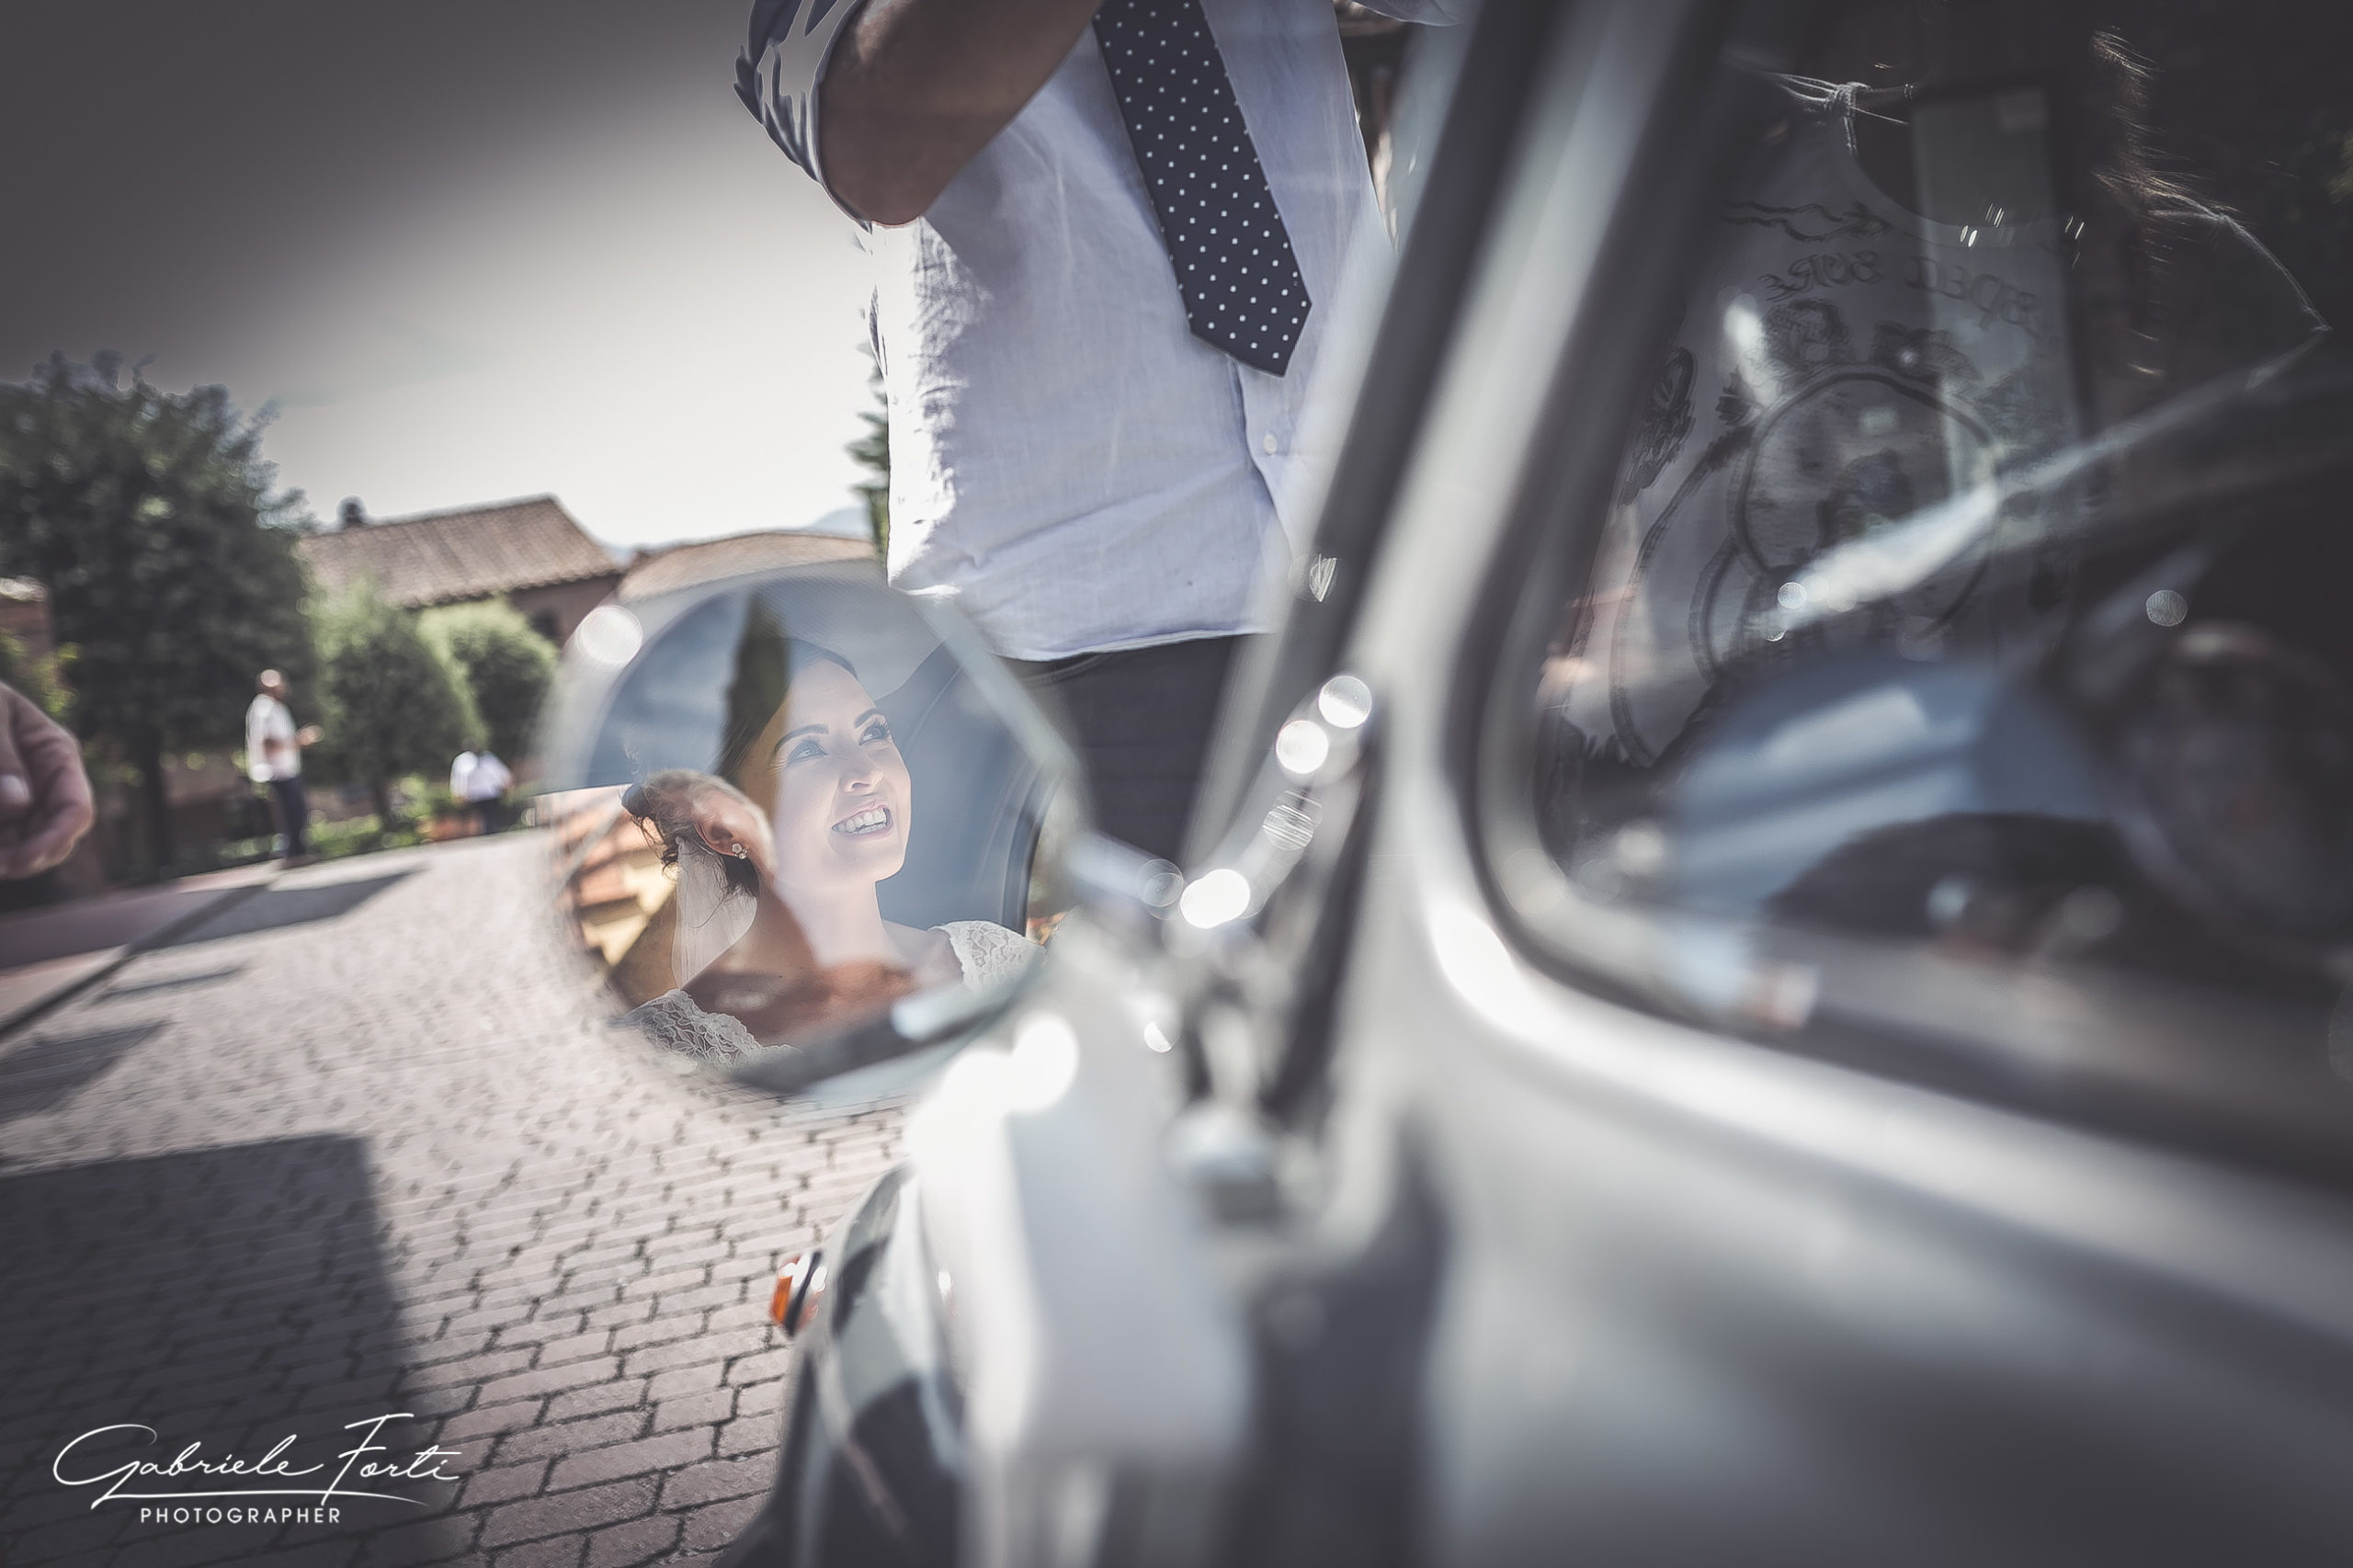 borgo-tre-rose-reportage-photographer-montepulciano-san-biagio-foto-fotografo-forti